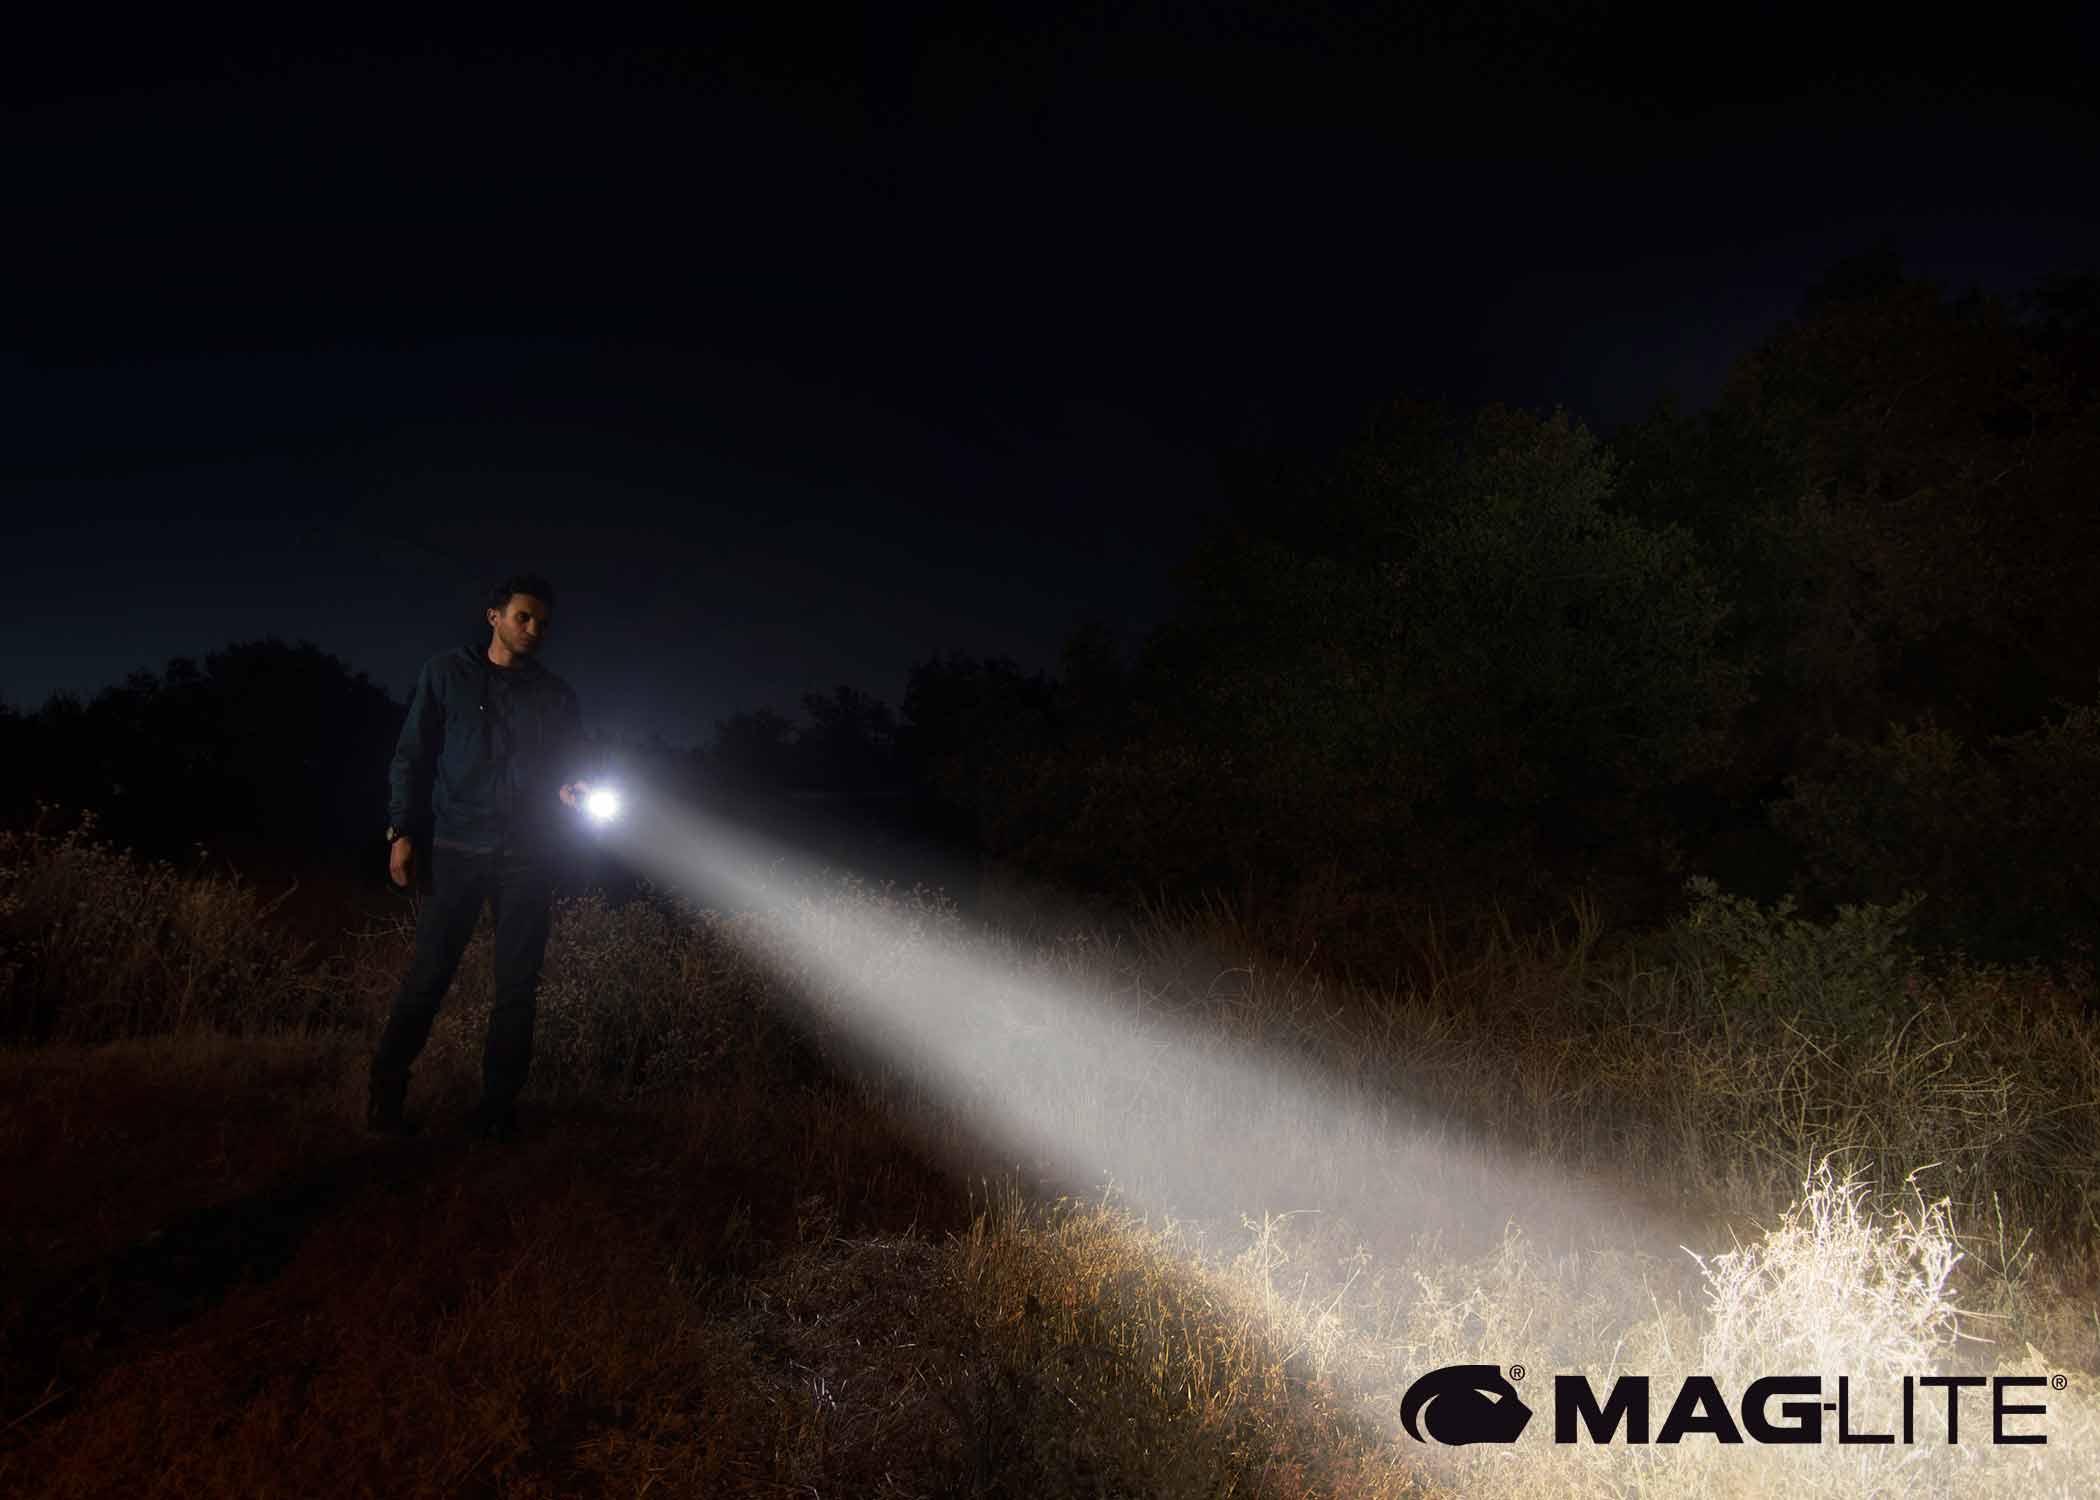 Linternas Maglite | Esteller